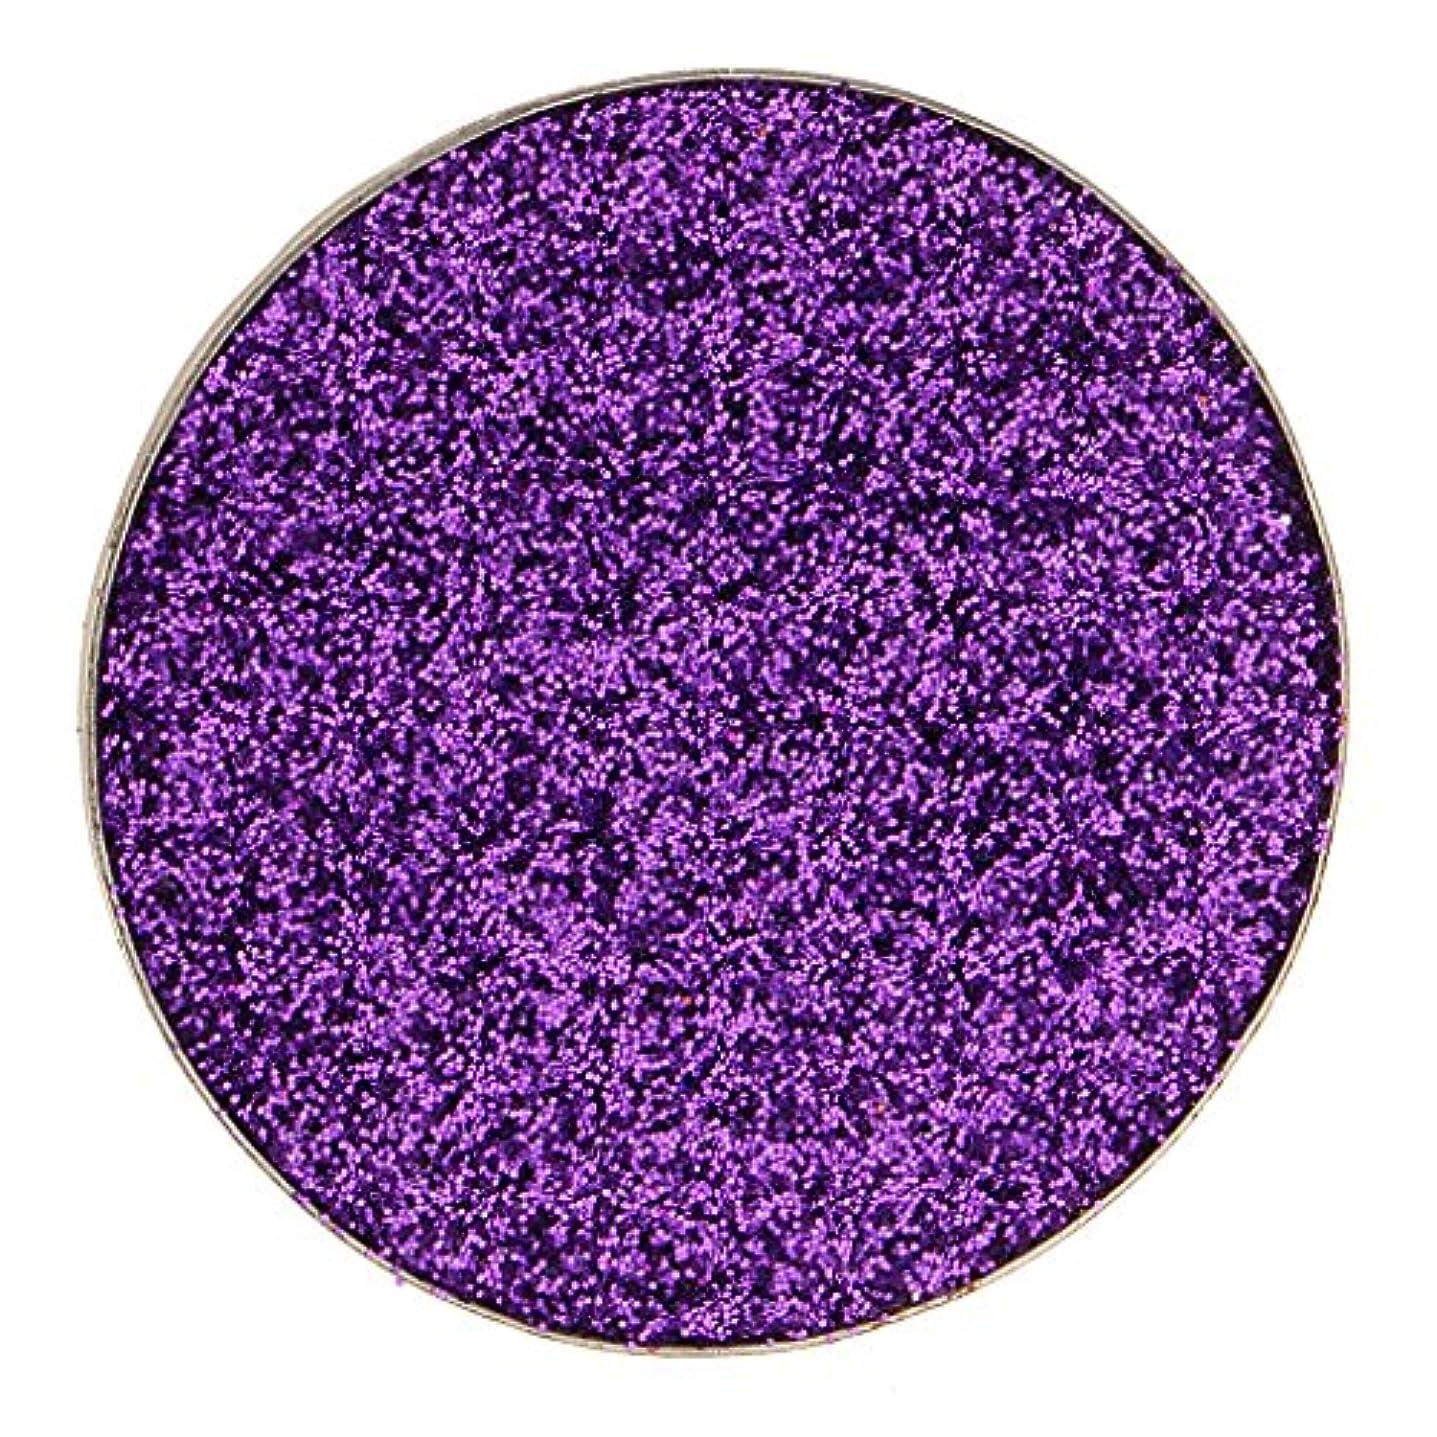 フォロー服を着る要塞Kesoto ダイヤモンド キラキラ シマー メイクアップ アイシャドウ 顔料 長持ち 滑らか 全5色 - 紫